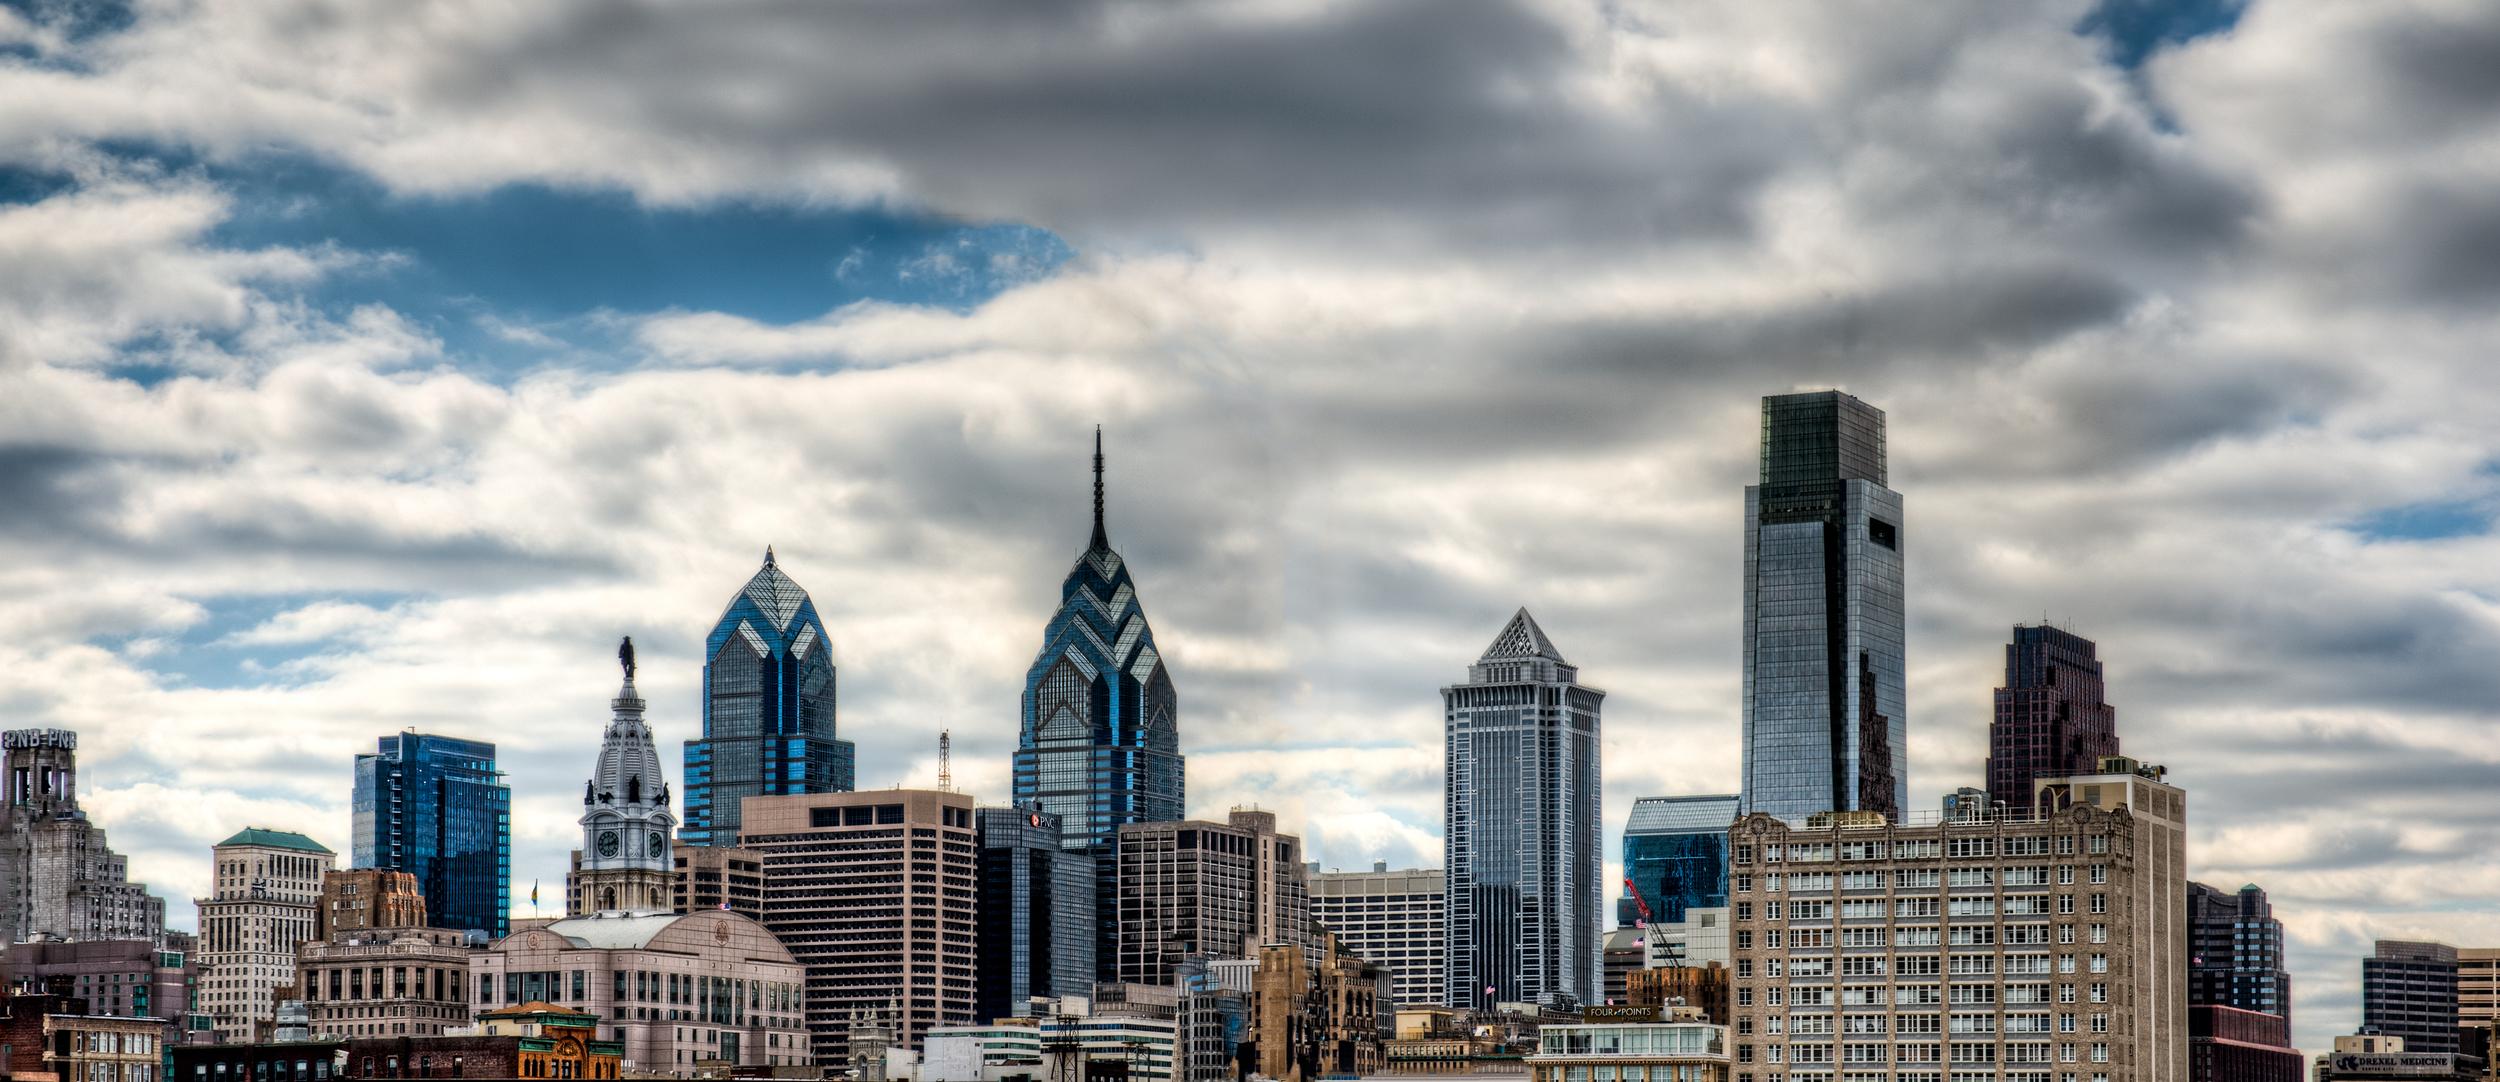 Philadelphia skyline from the East (1 of 1).jpg